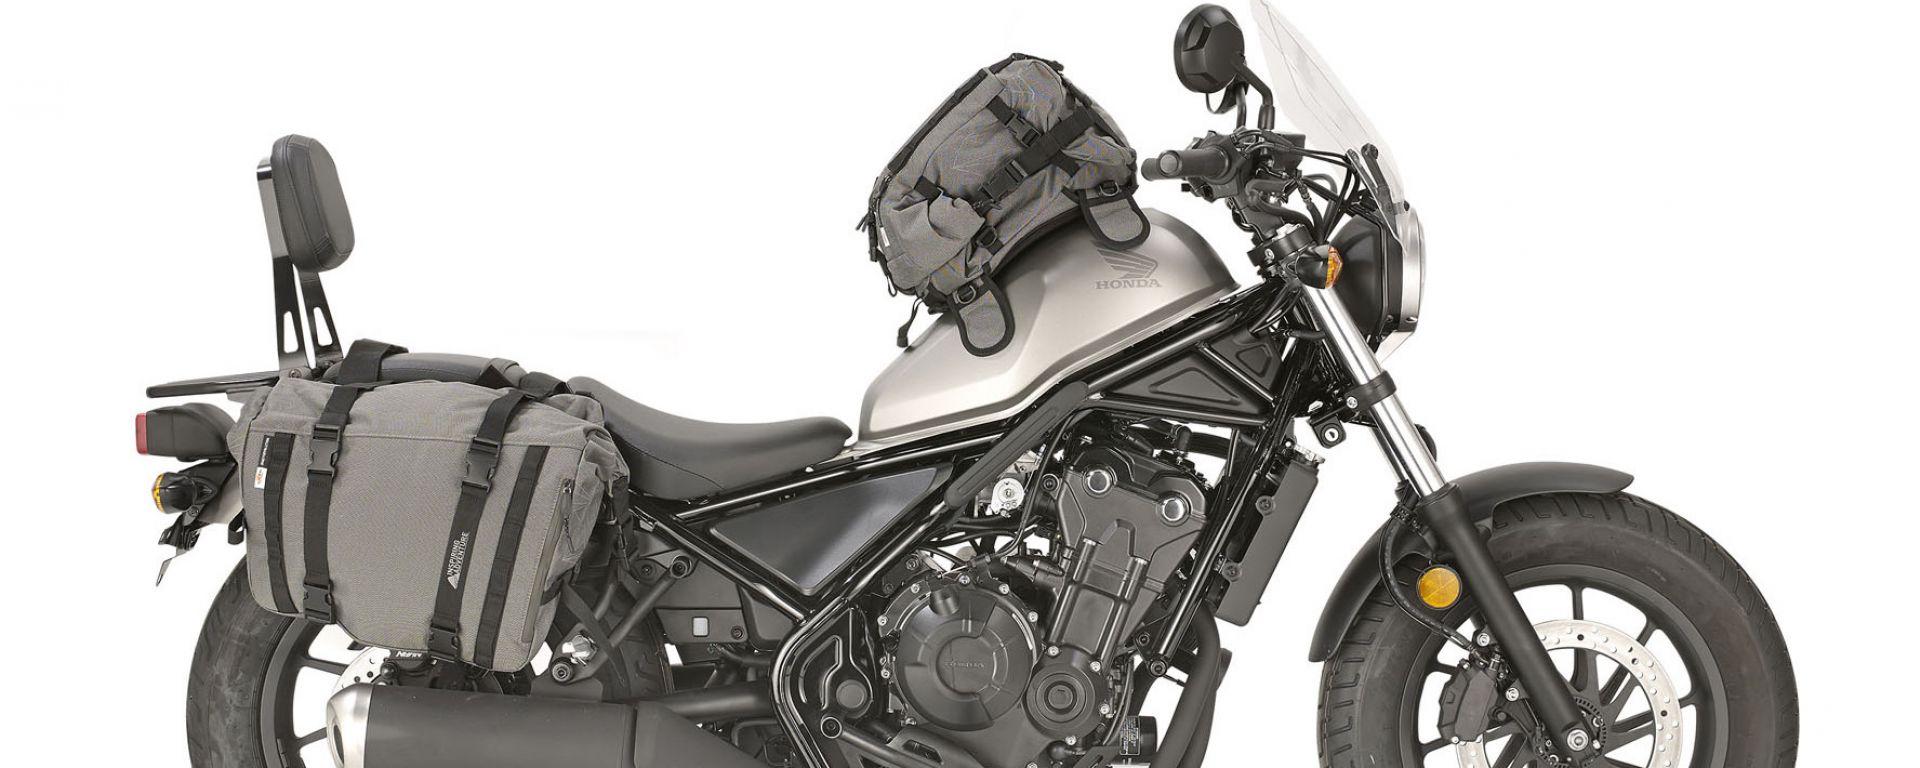 Honda CMX Rebel: Kappa presenta la personalizzazione da viaggio